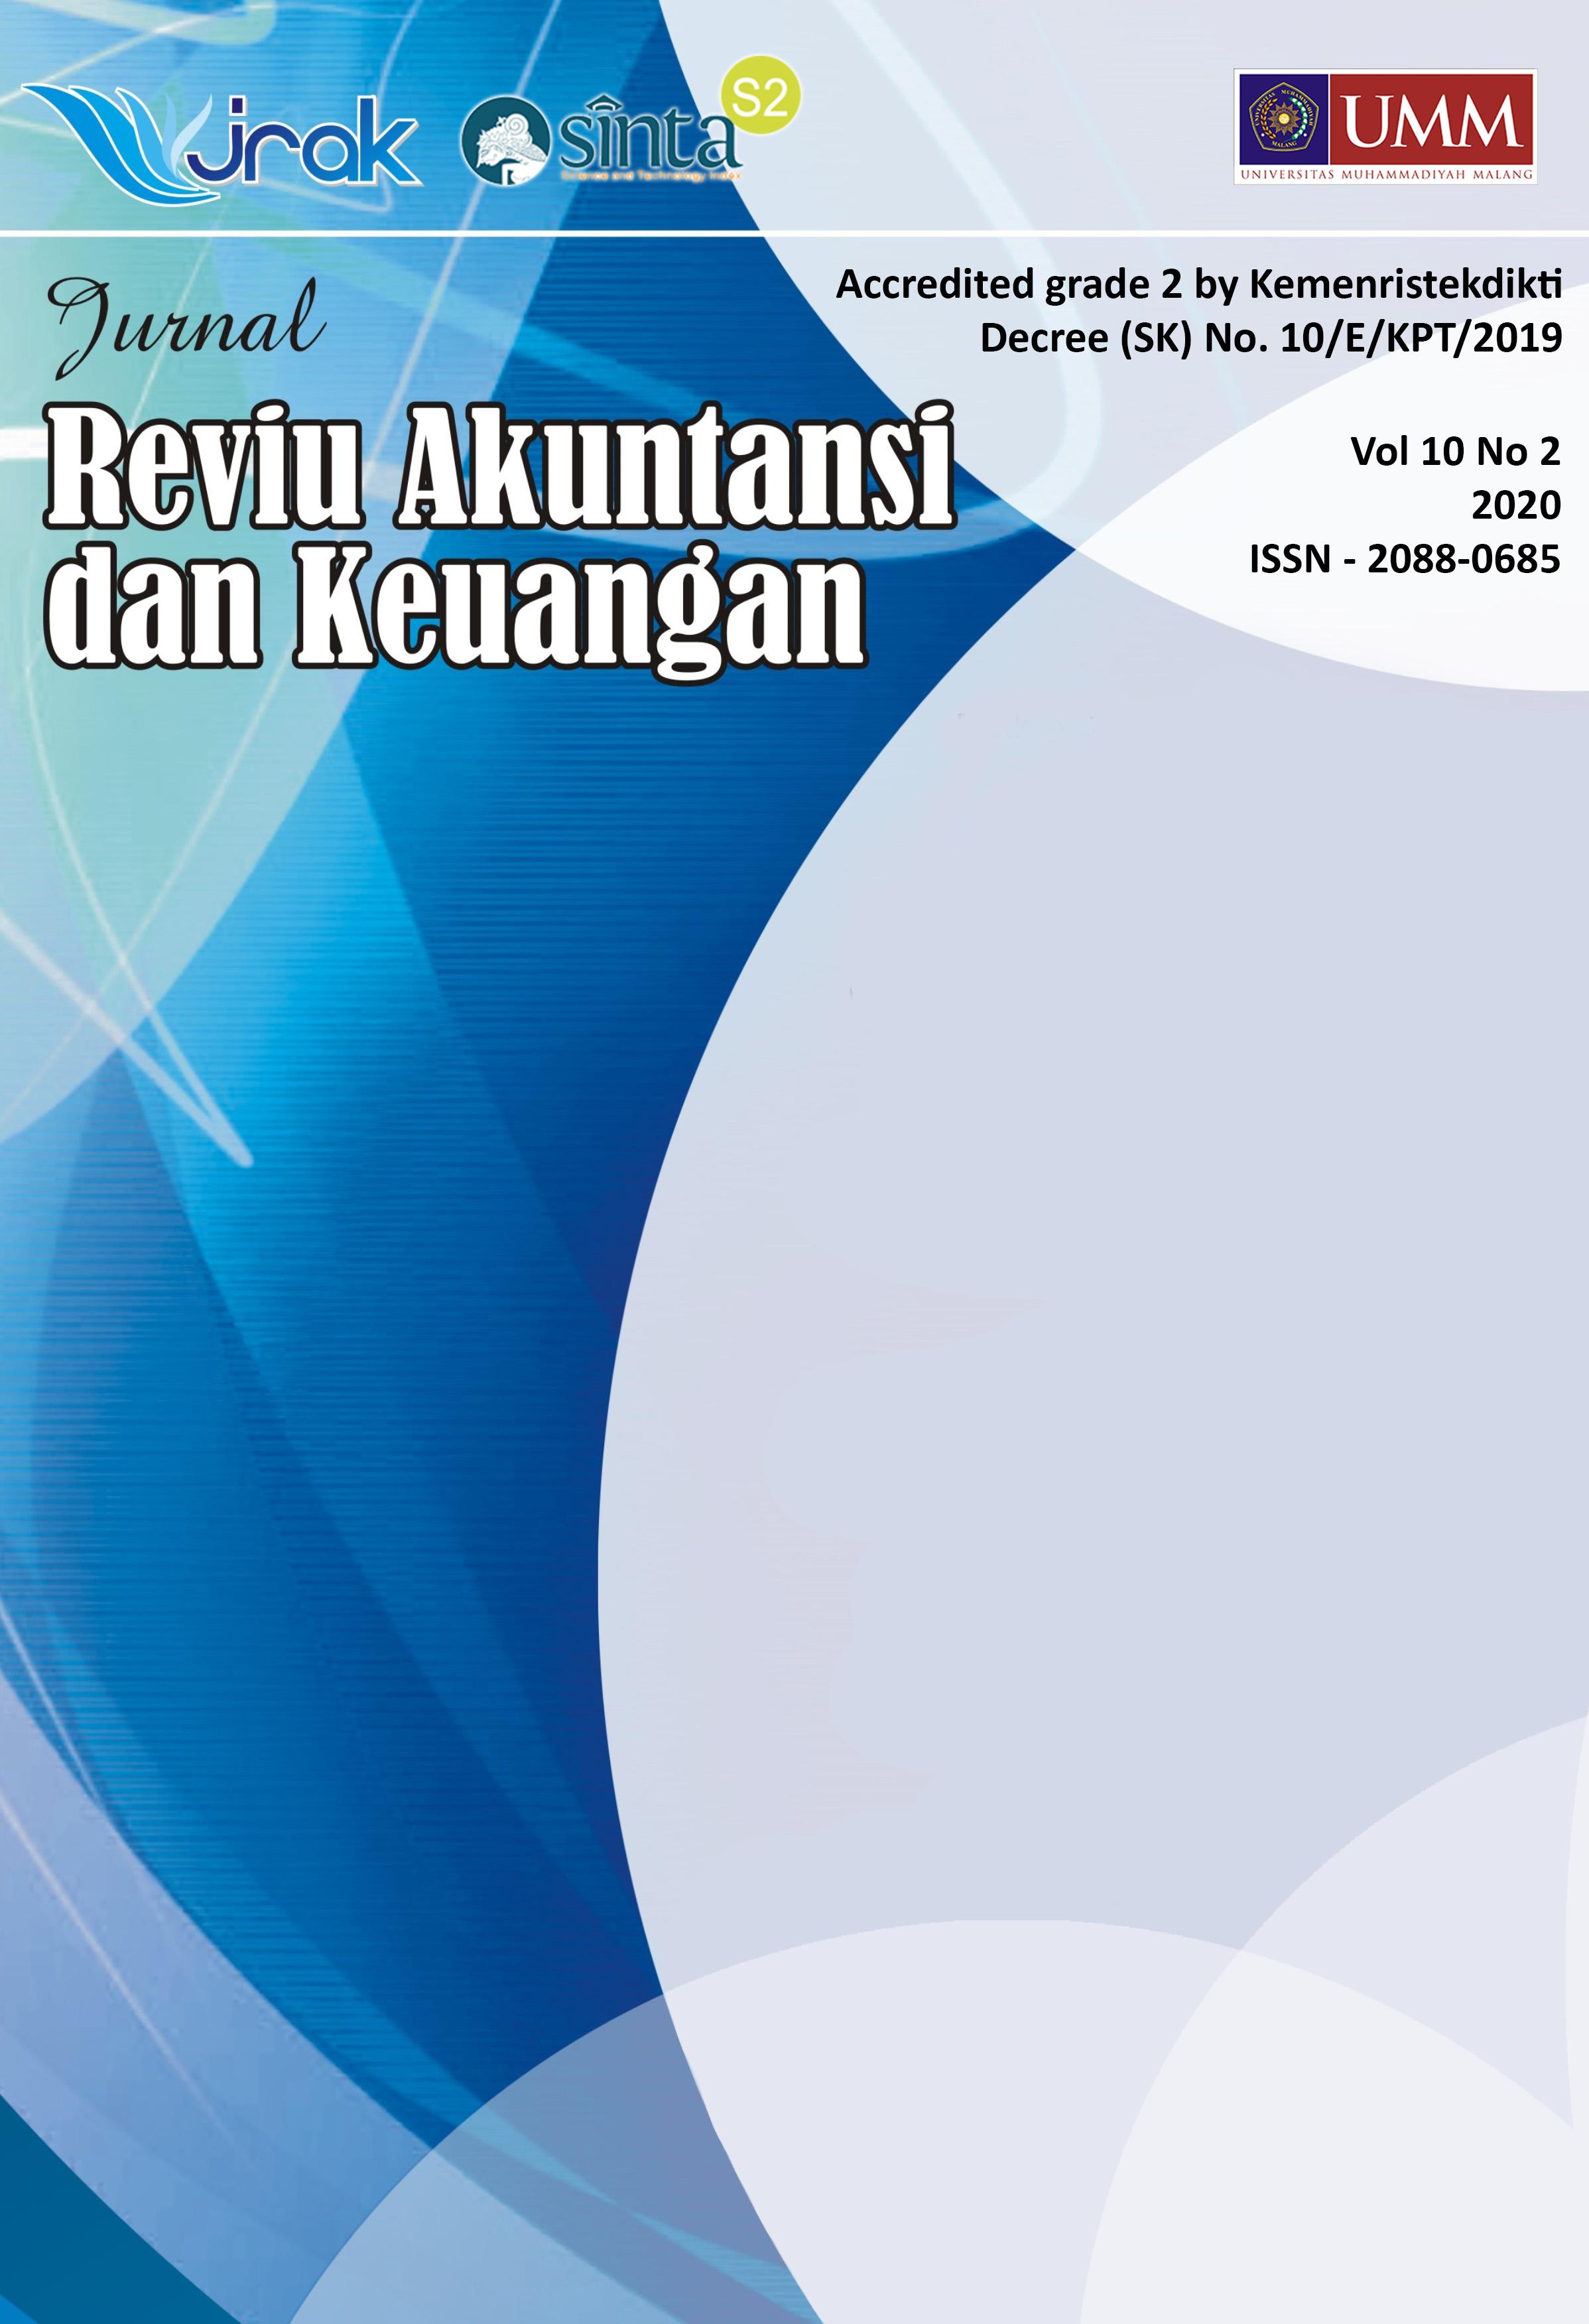 View Vol. 10 No. 2: Jurnal Reviu Akuntansi dan Keuangan